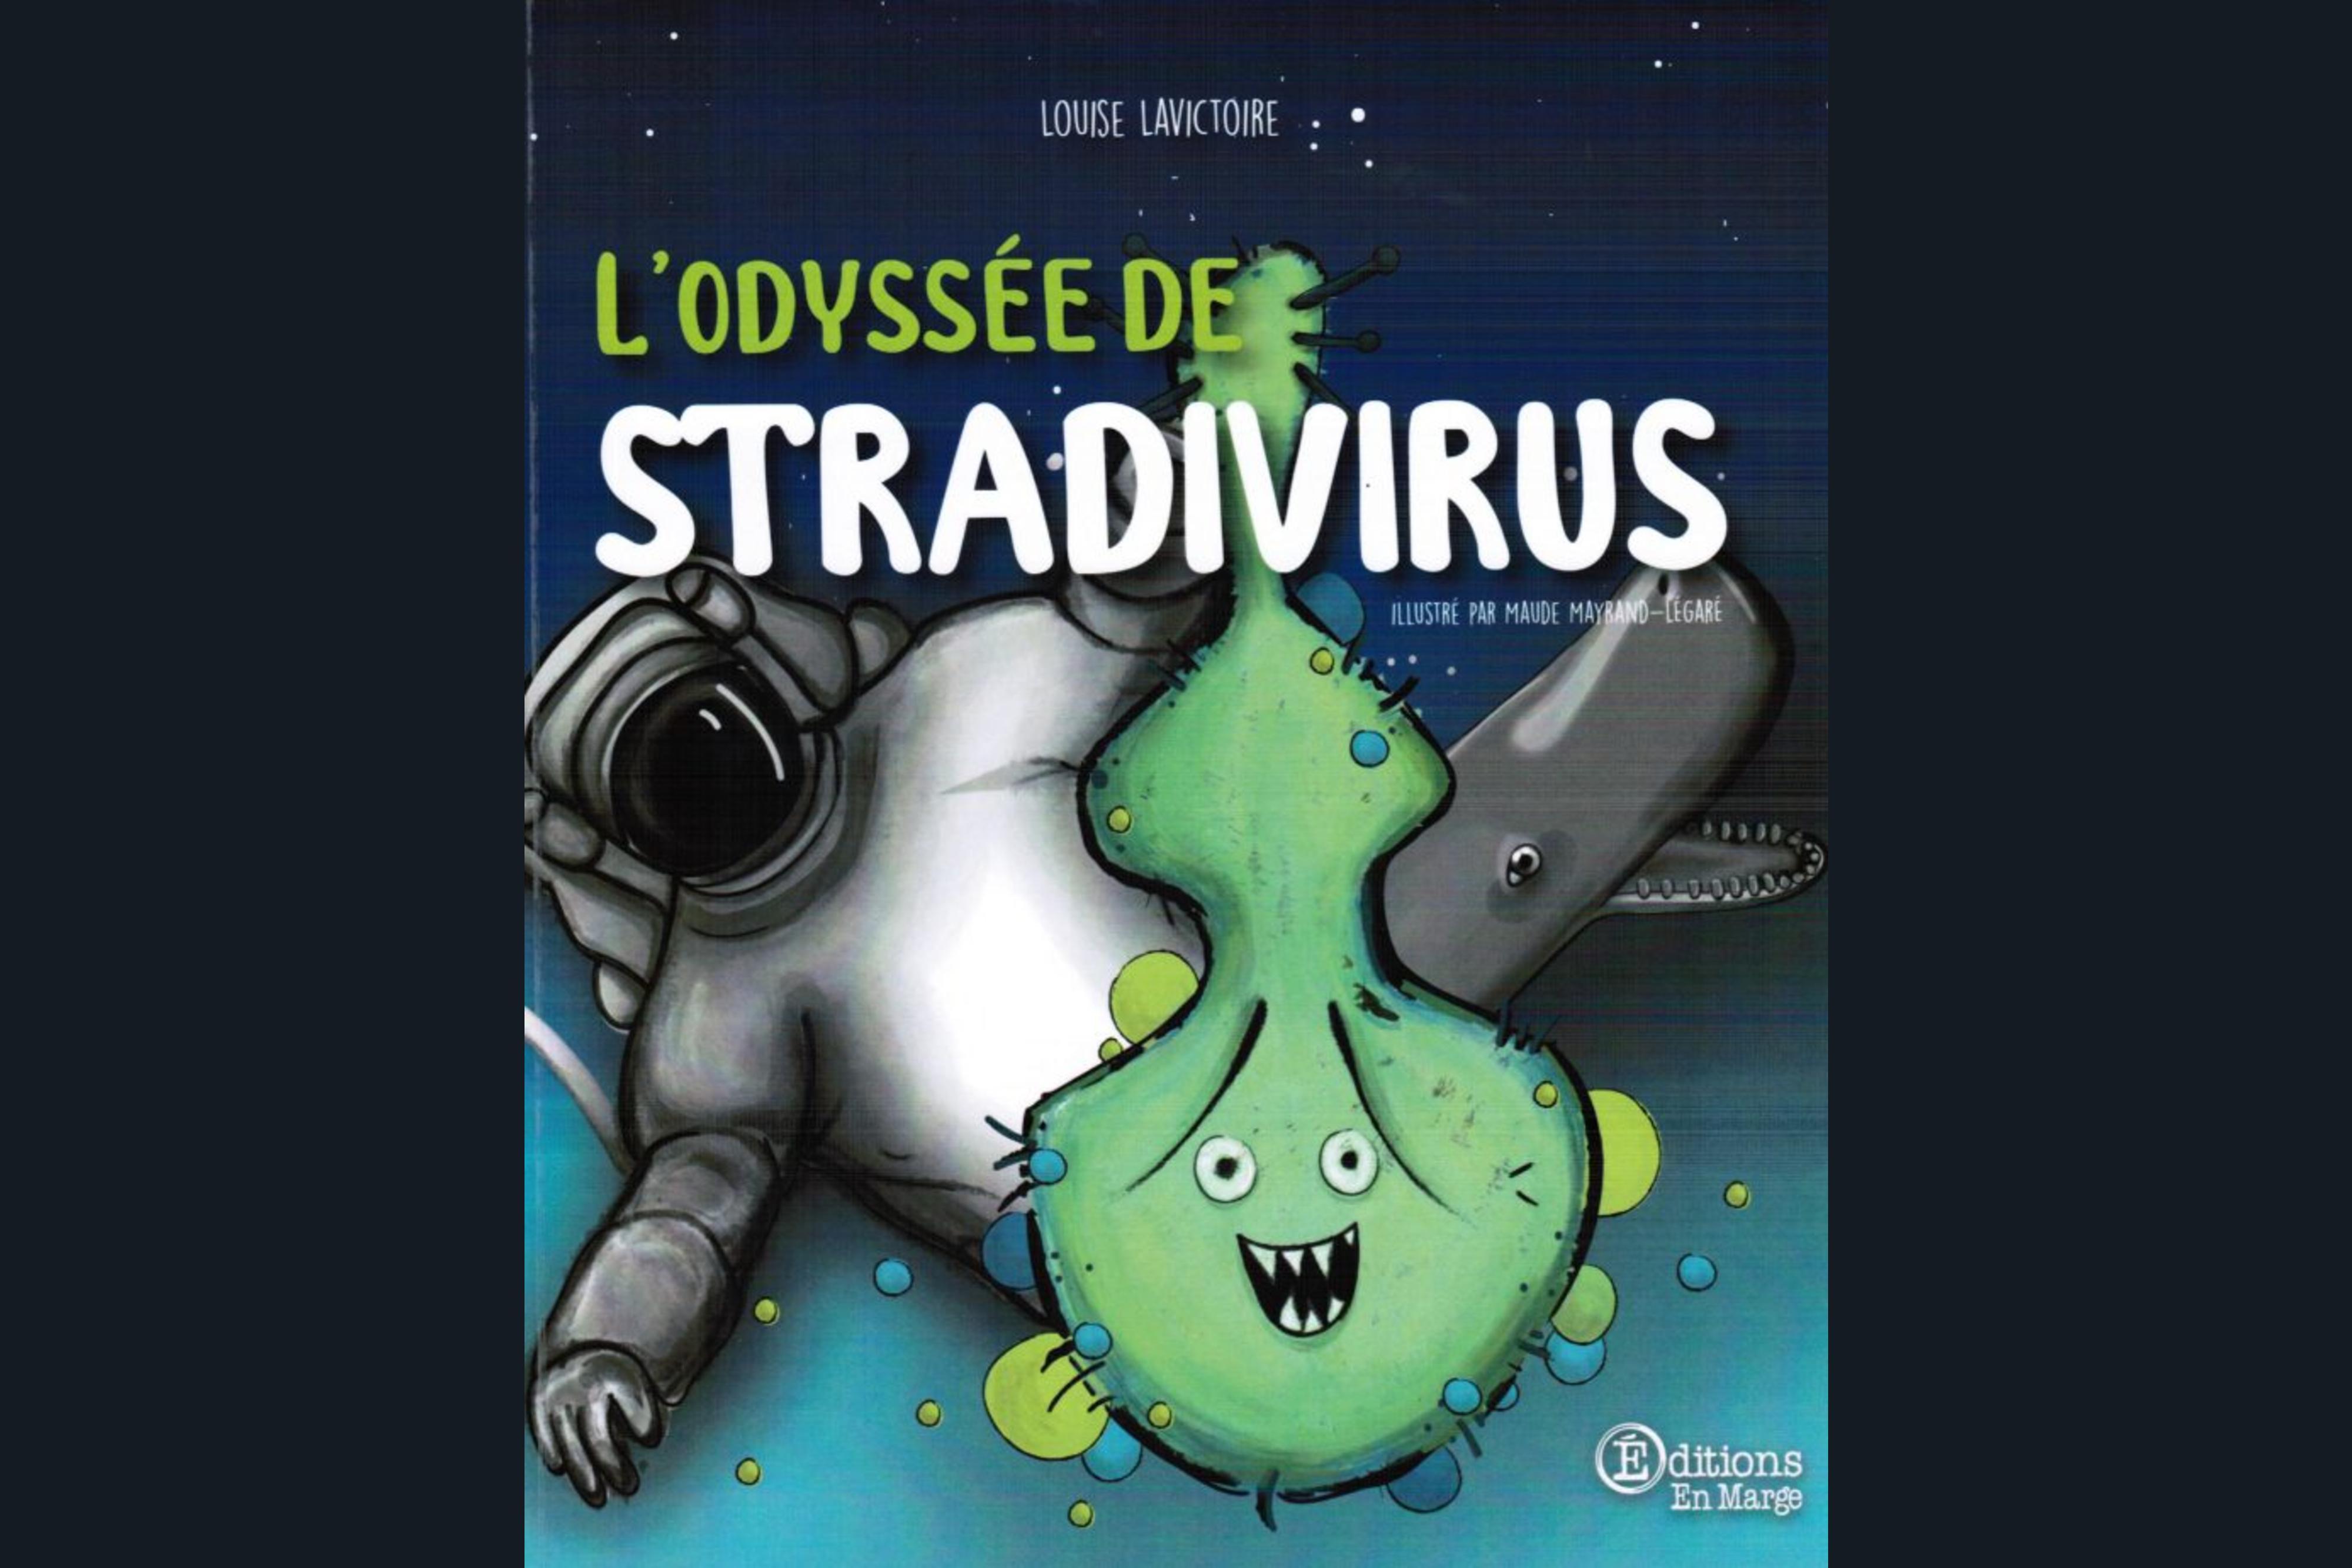 Stradivirus